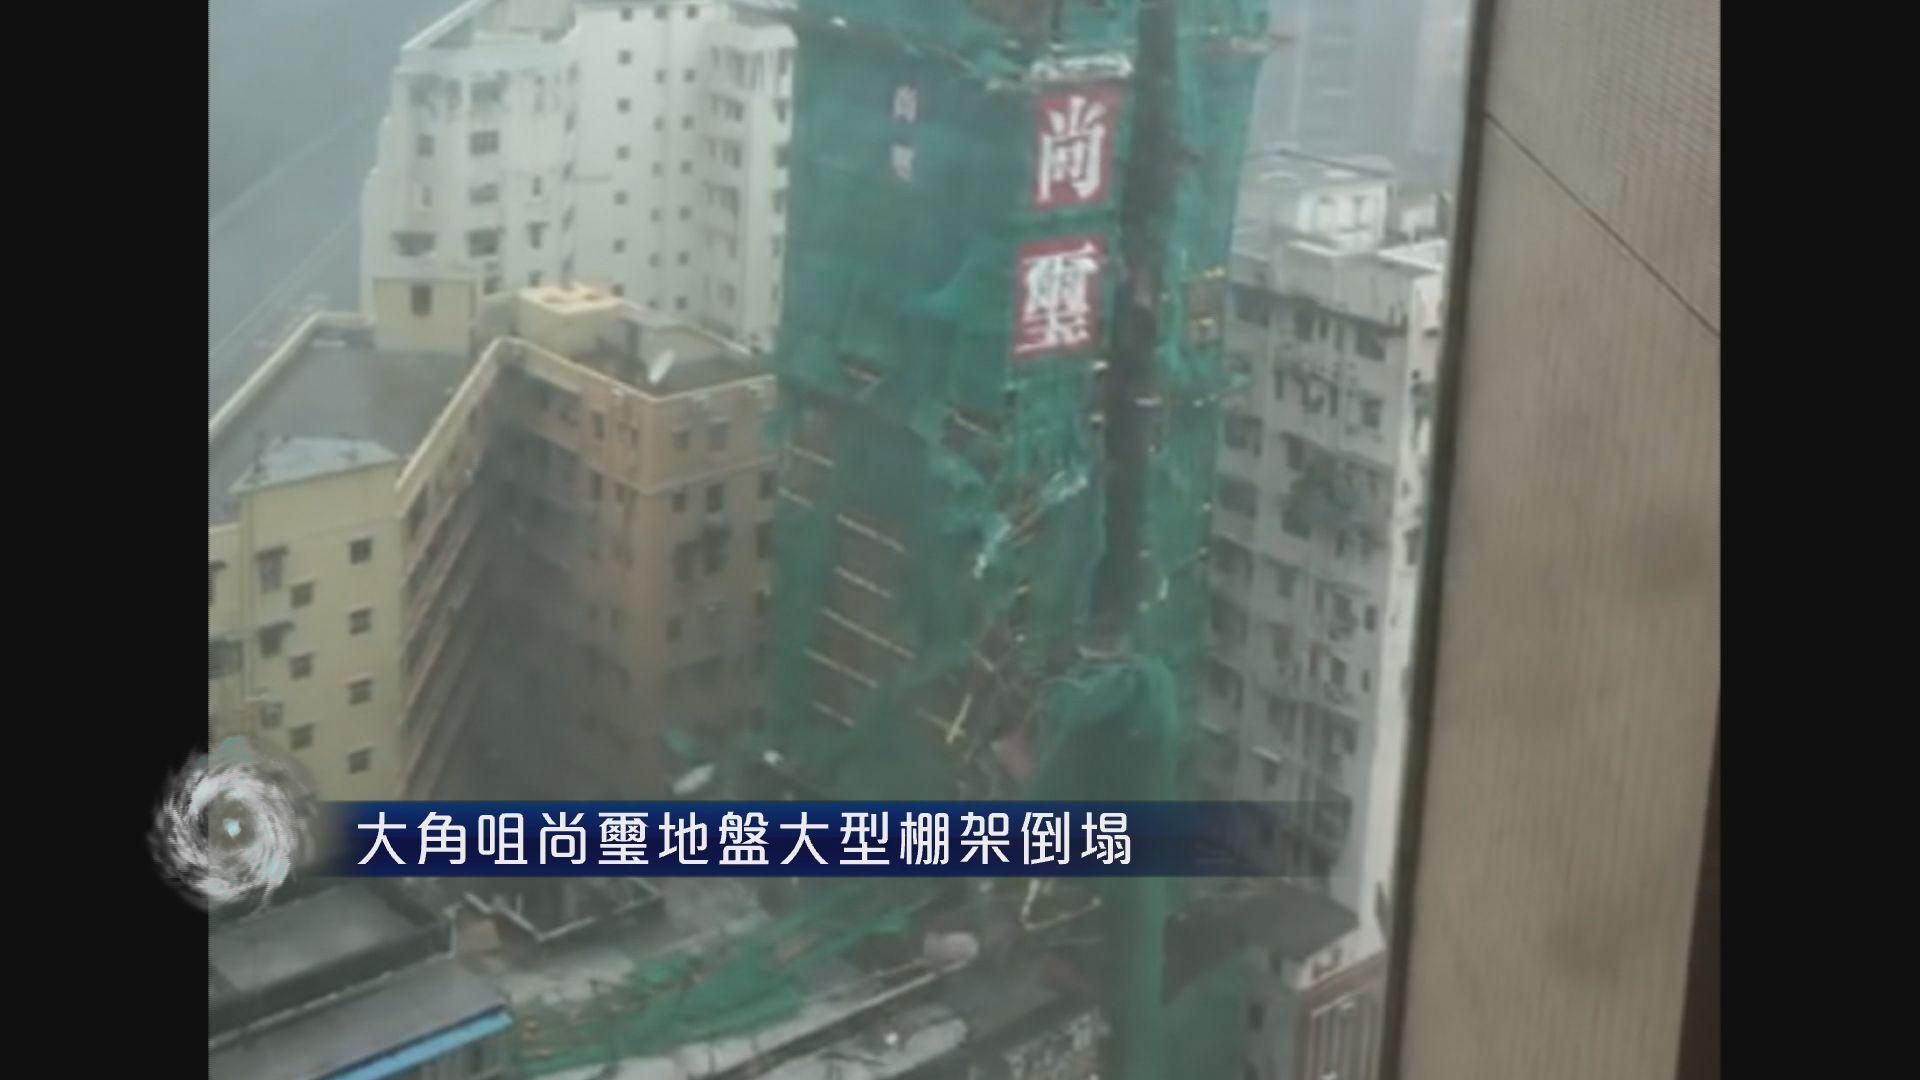 大角咀尚璽地盤棚架倒塌壓在旁邊天台